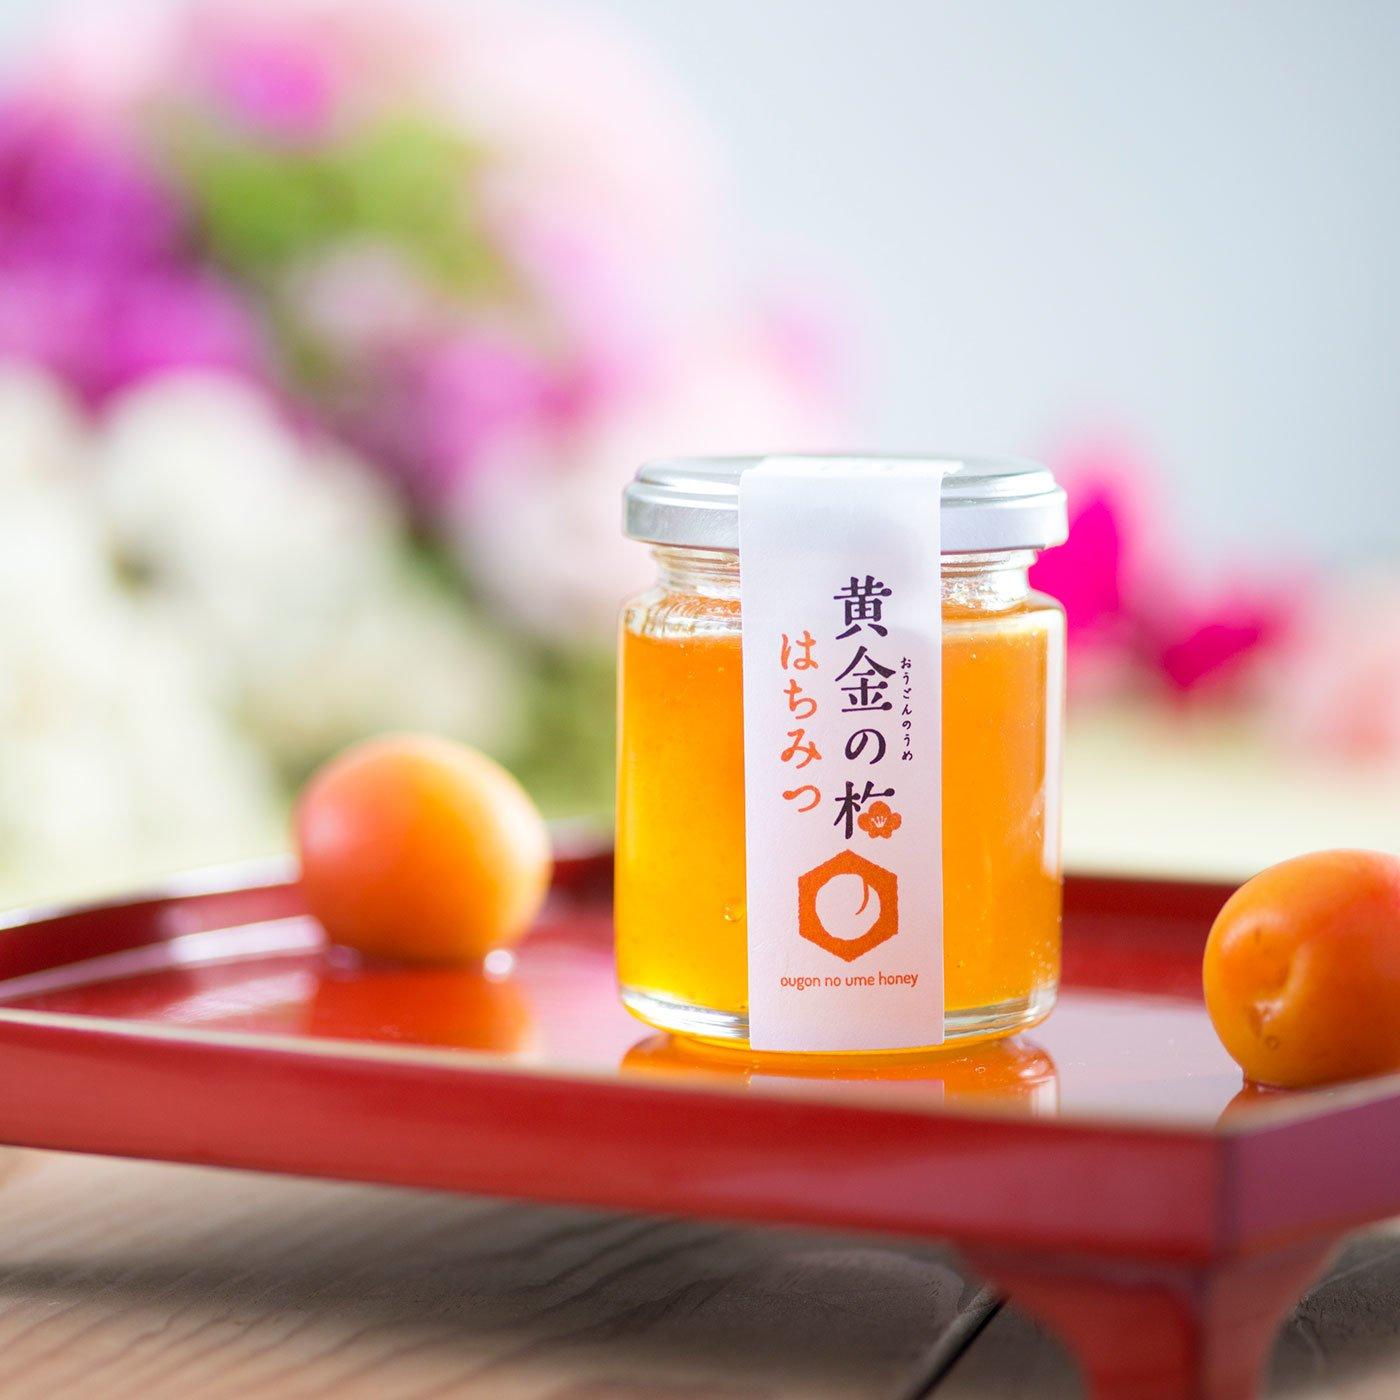 福井県産 完熟梅でつくった黄金の梅はちみつ2本セット